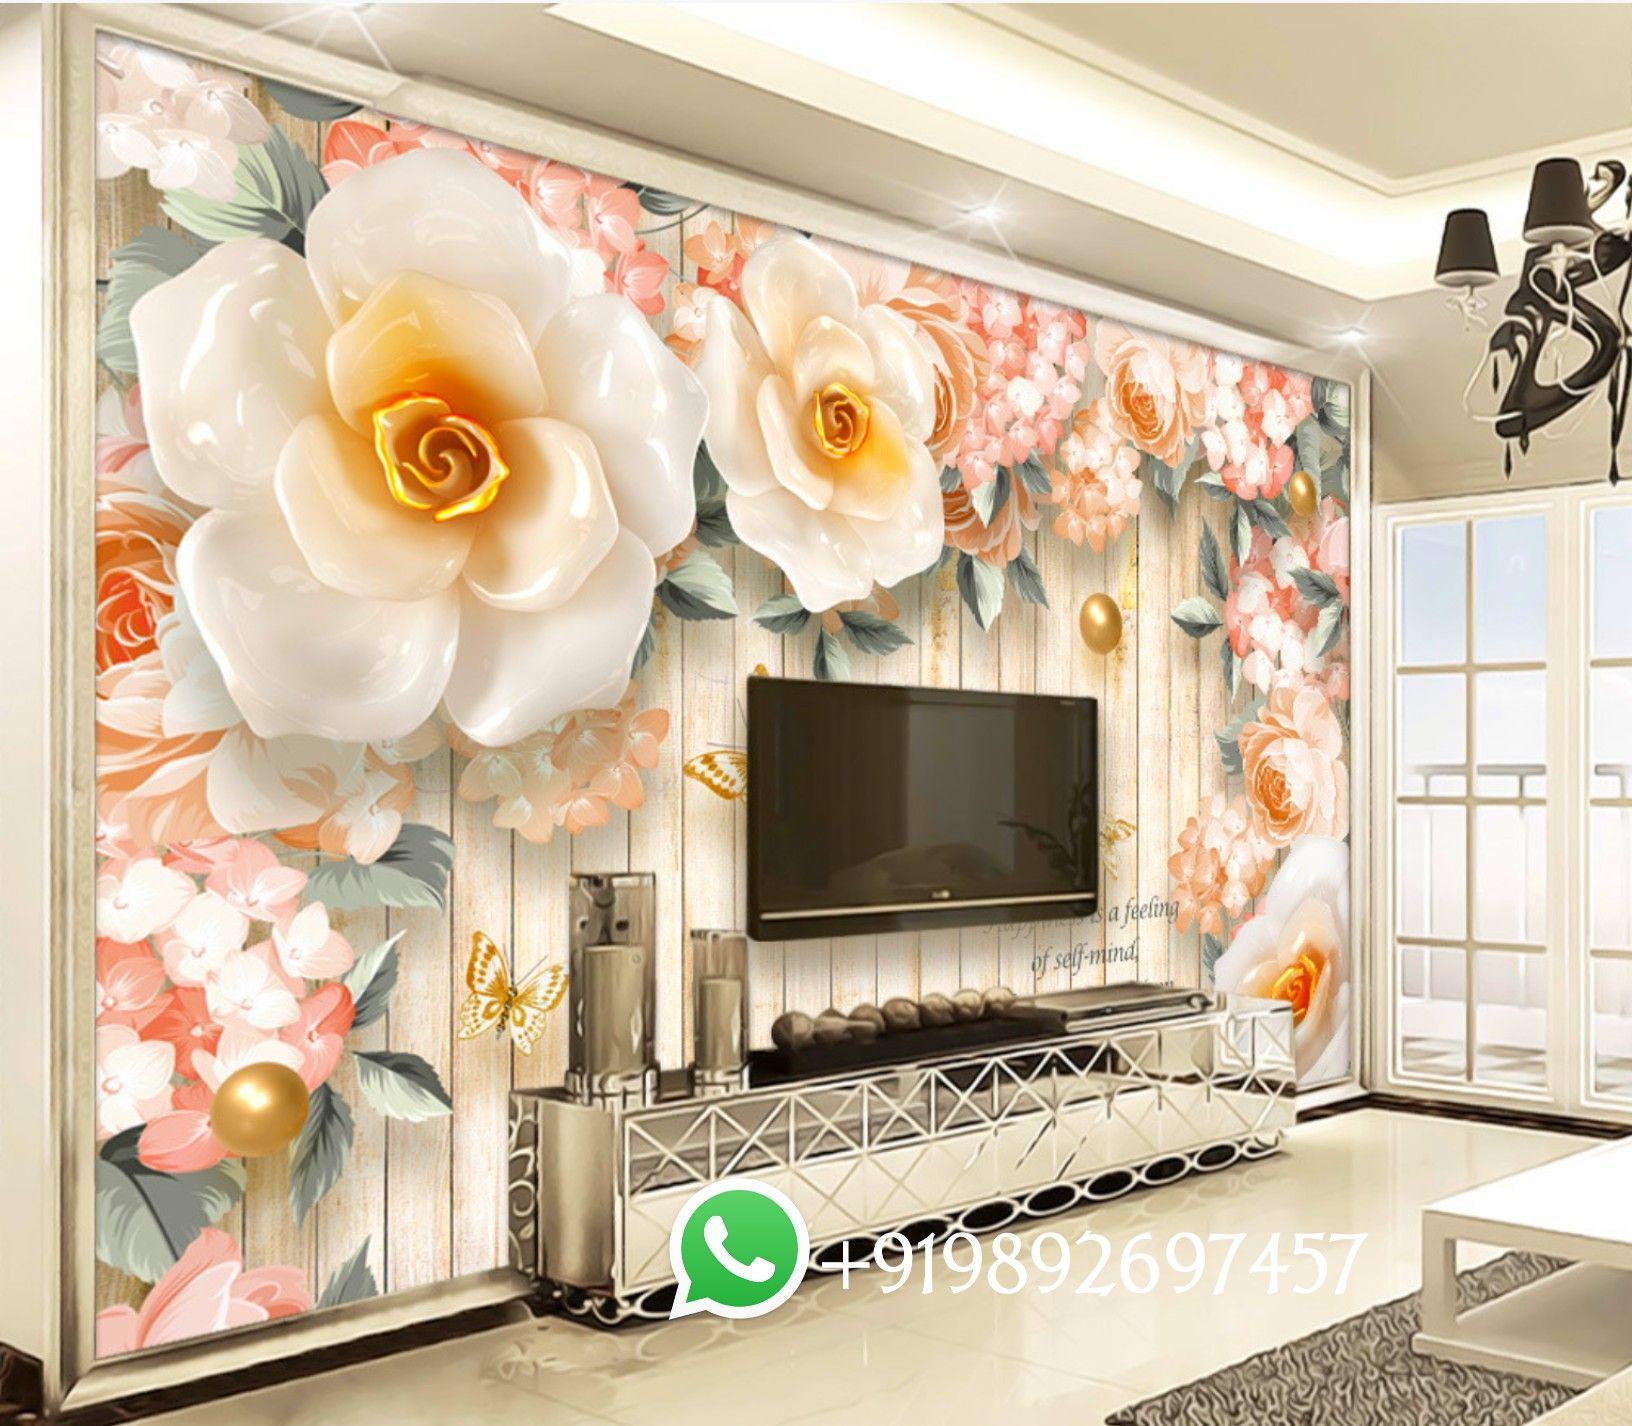 7d Wallpaper Design 7d Wallpaper For Tv Unit Design 7d Wallpaper For Living Room And Bedroom 2020 Wall Mural Wallpaper Wallpaper Living Room 7d Wallpaper 3d wallpaper for living room india